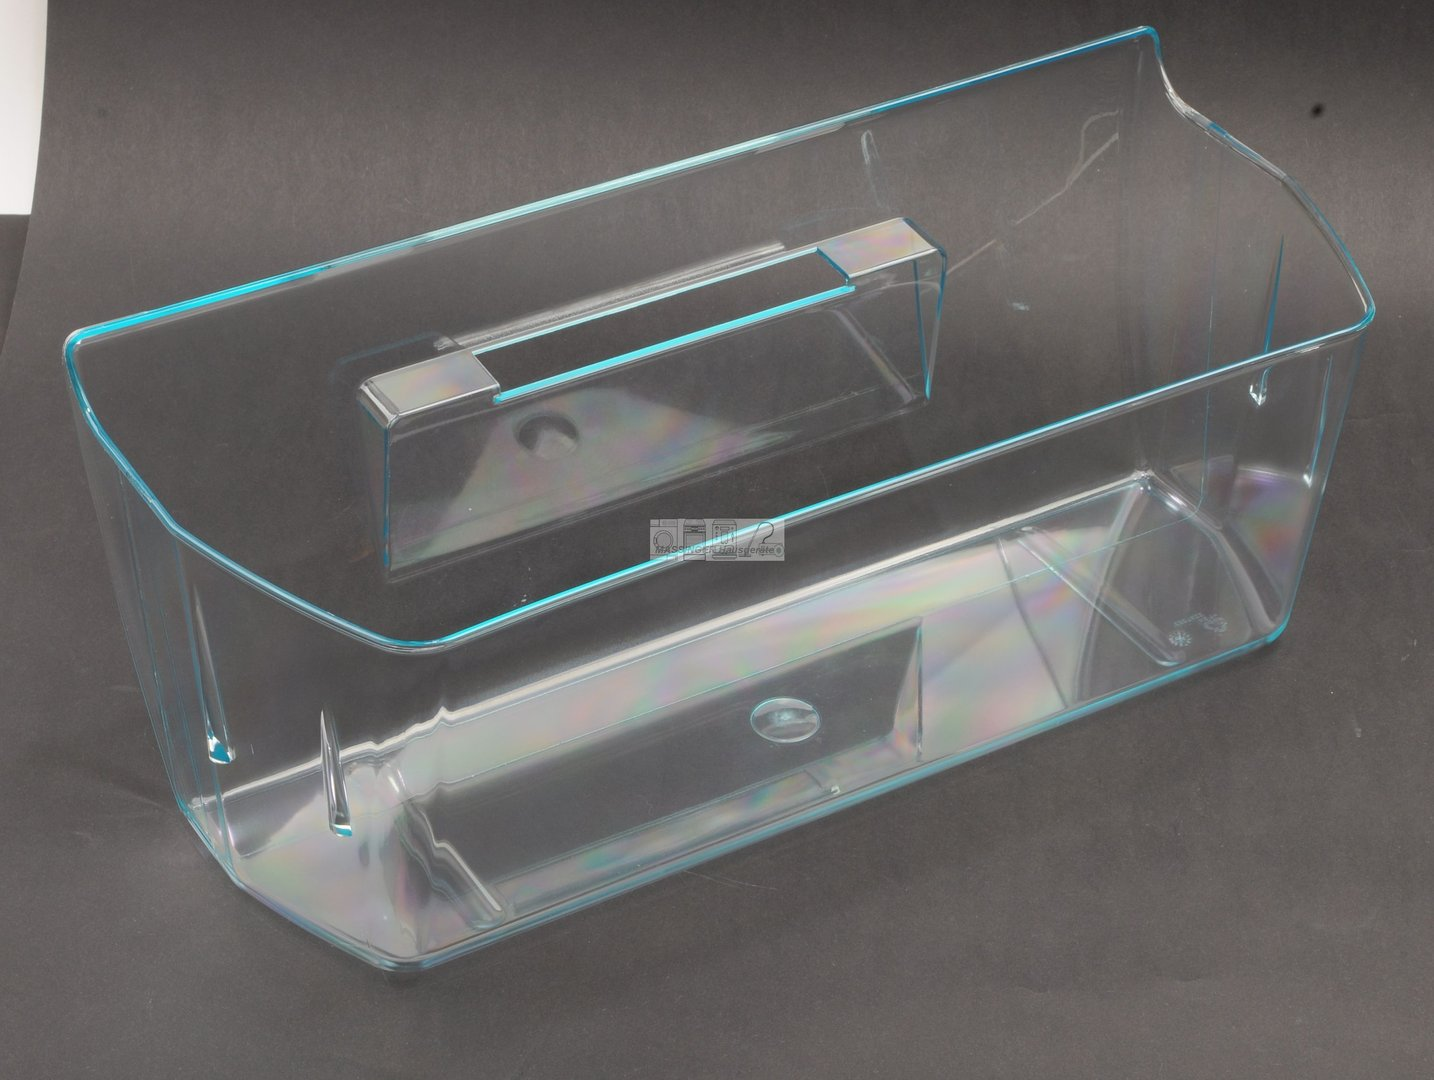 Bosch Kühlschrank Wasser Unter Gemüsefach : Bosch kühlschrank wasser unter gemüsefach siemens kühlschrank